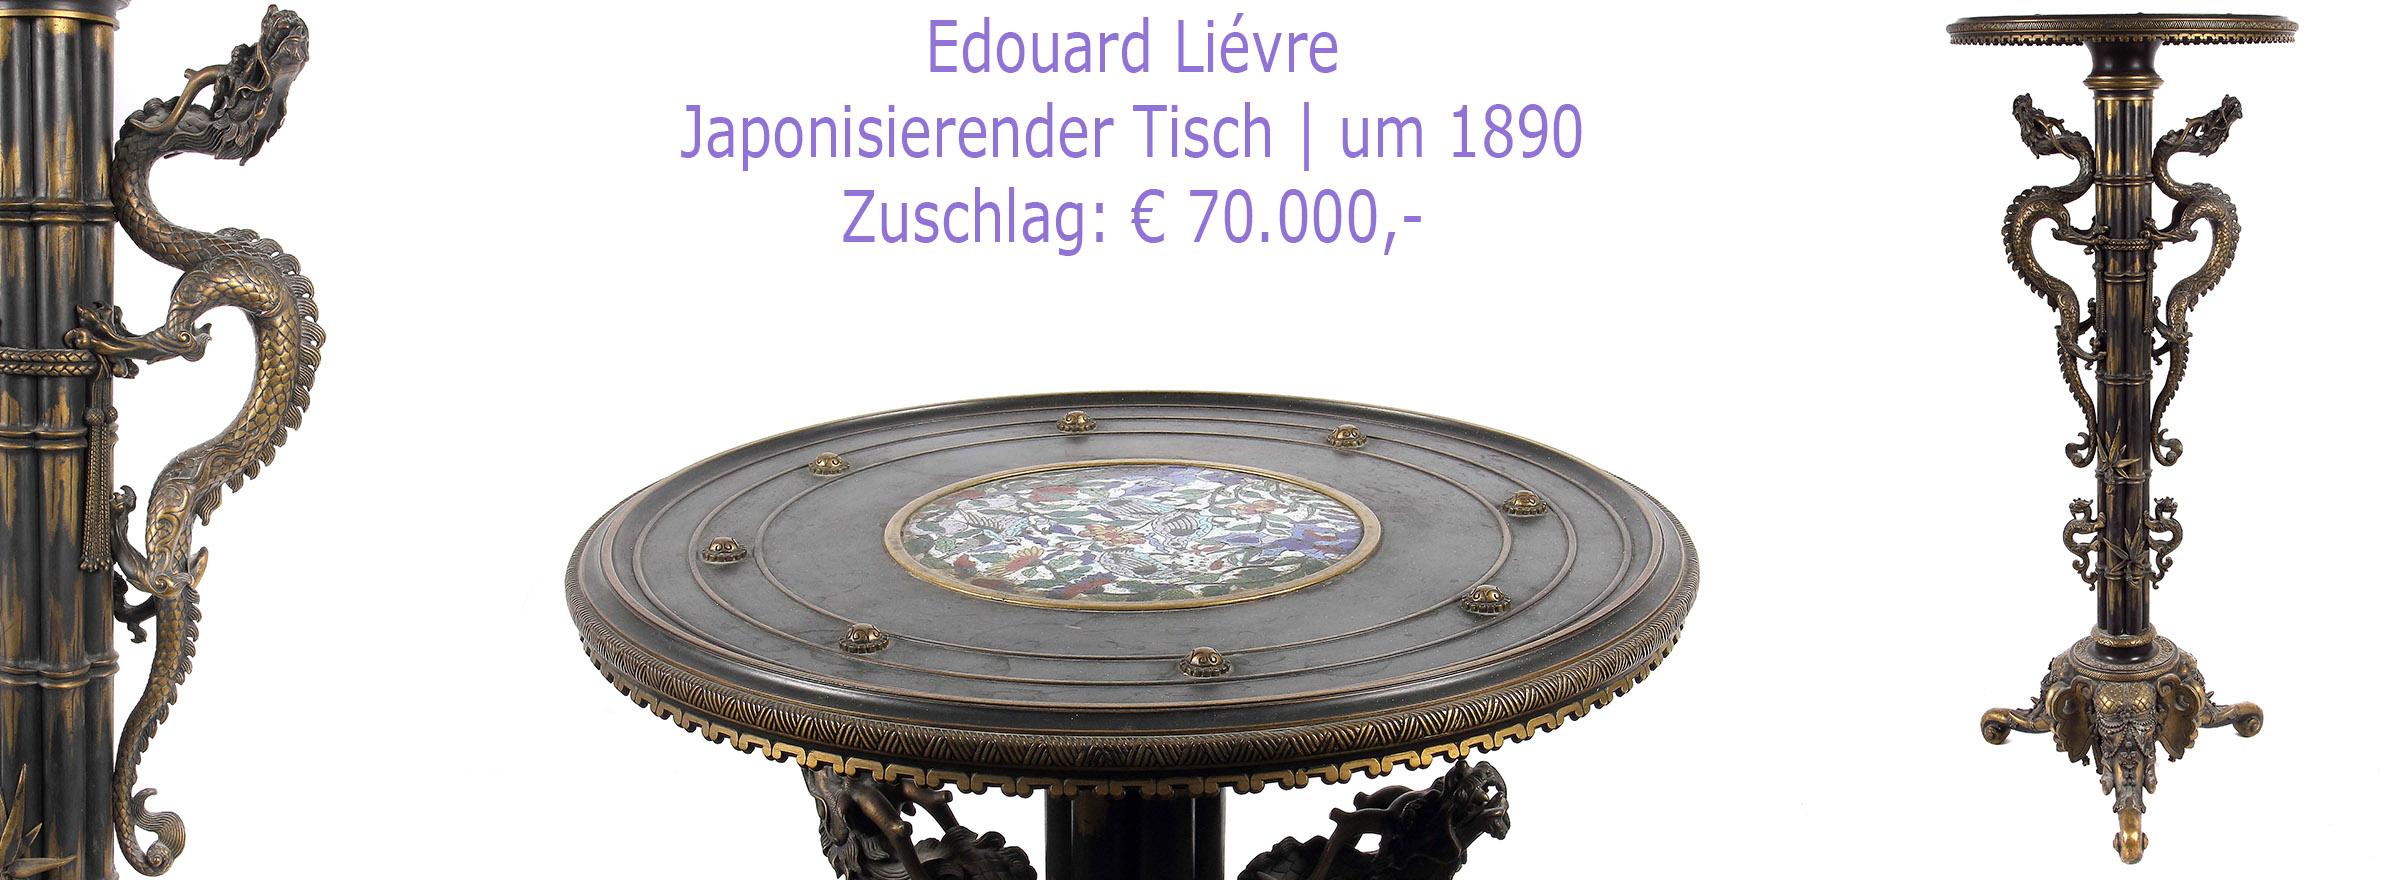 Yves Siebers Auktionen Stuttgart Kunst Antiquitäten Design